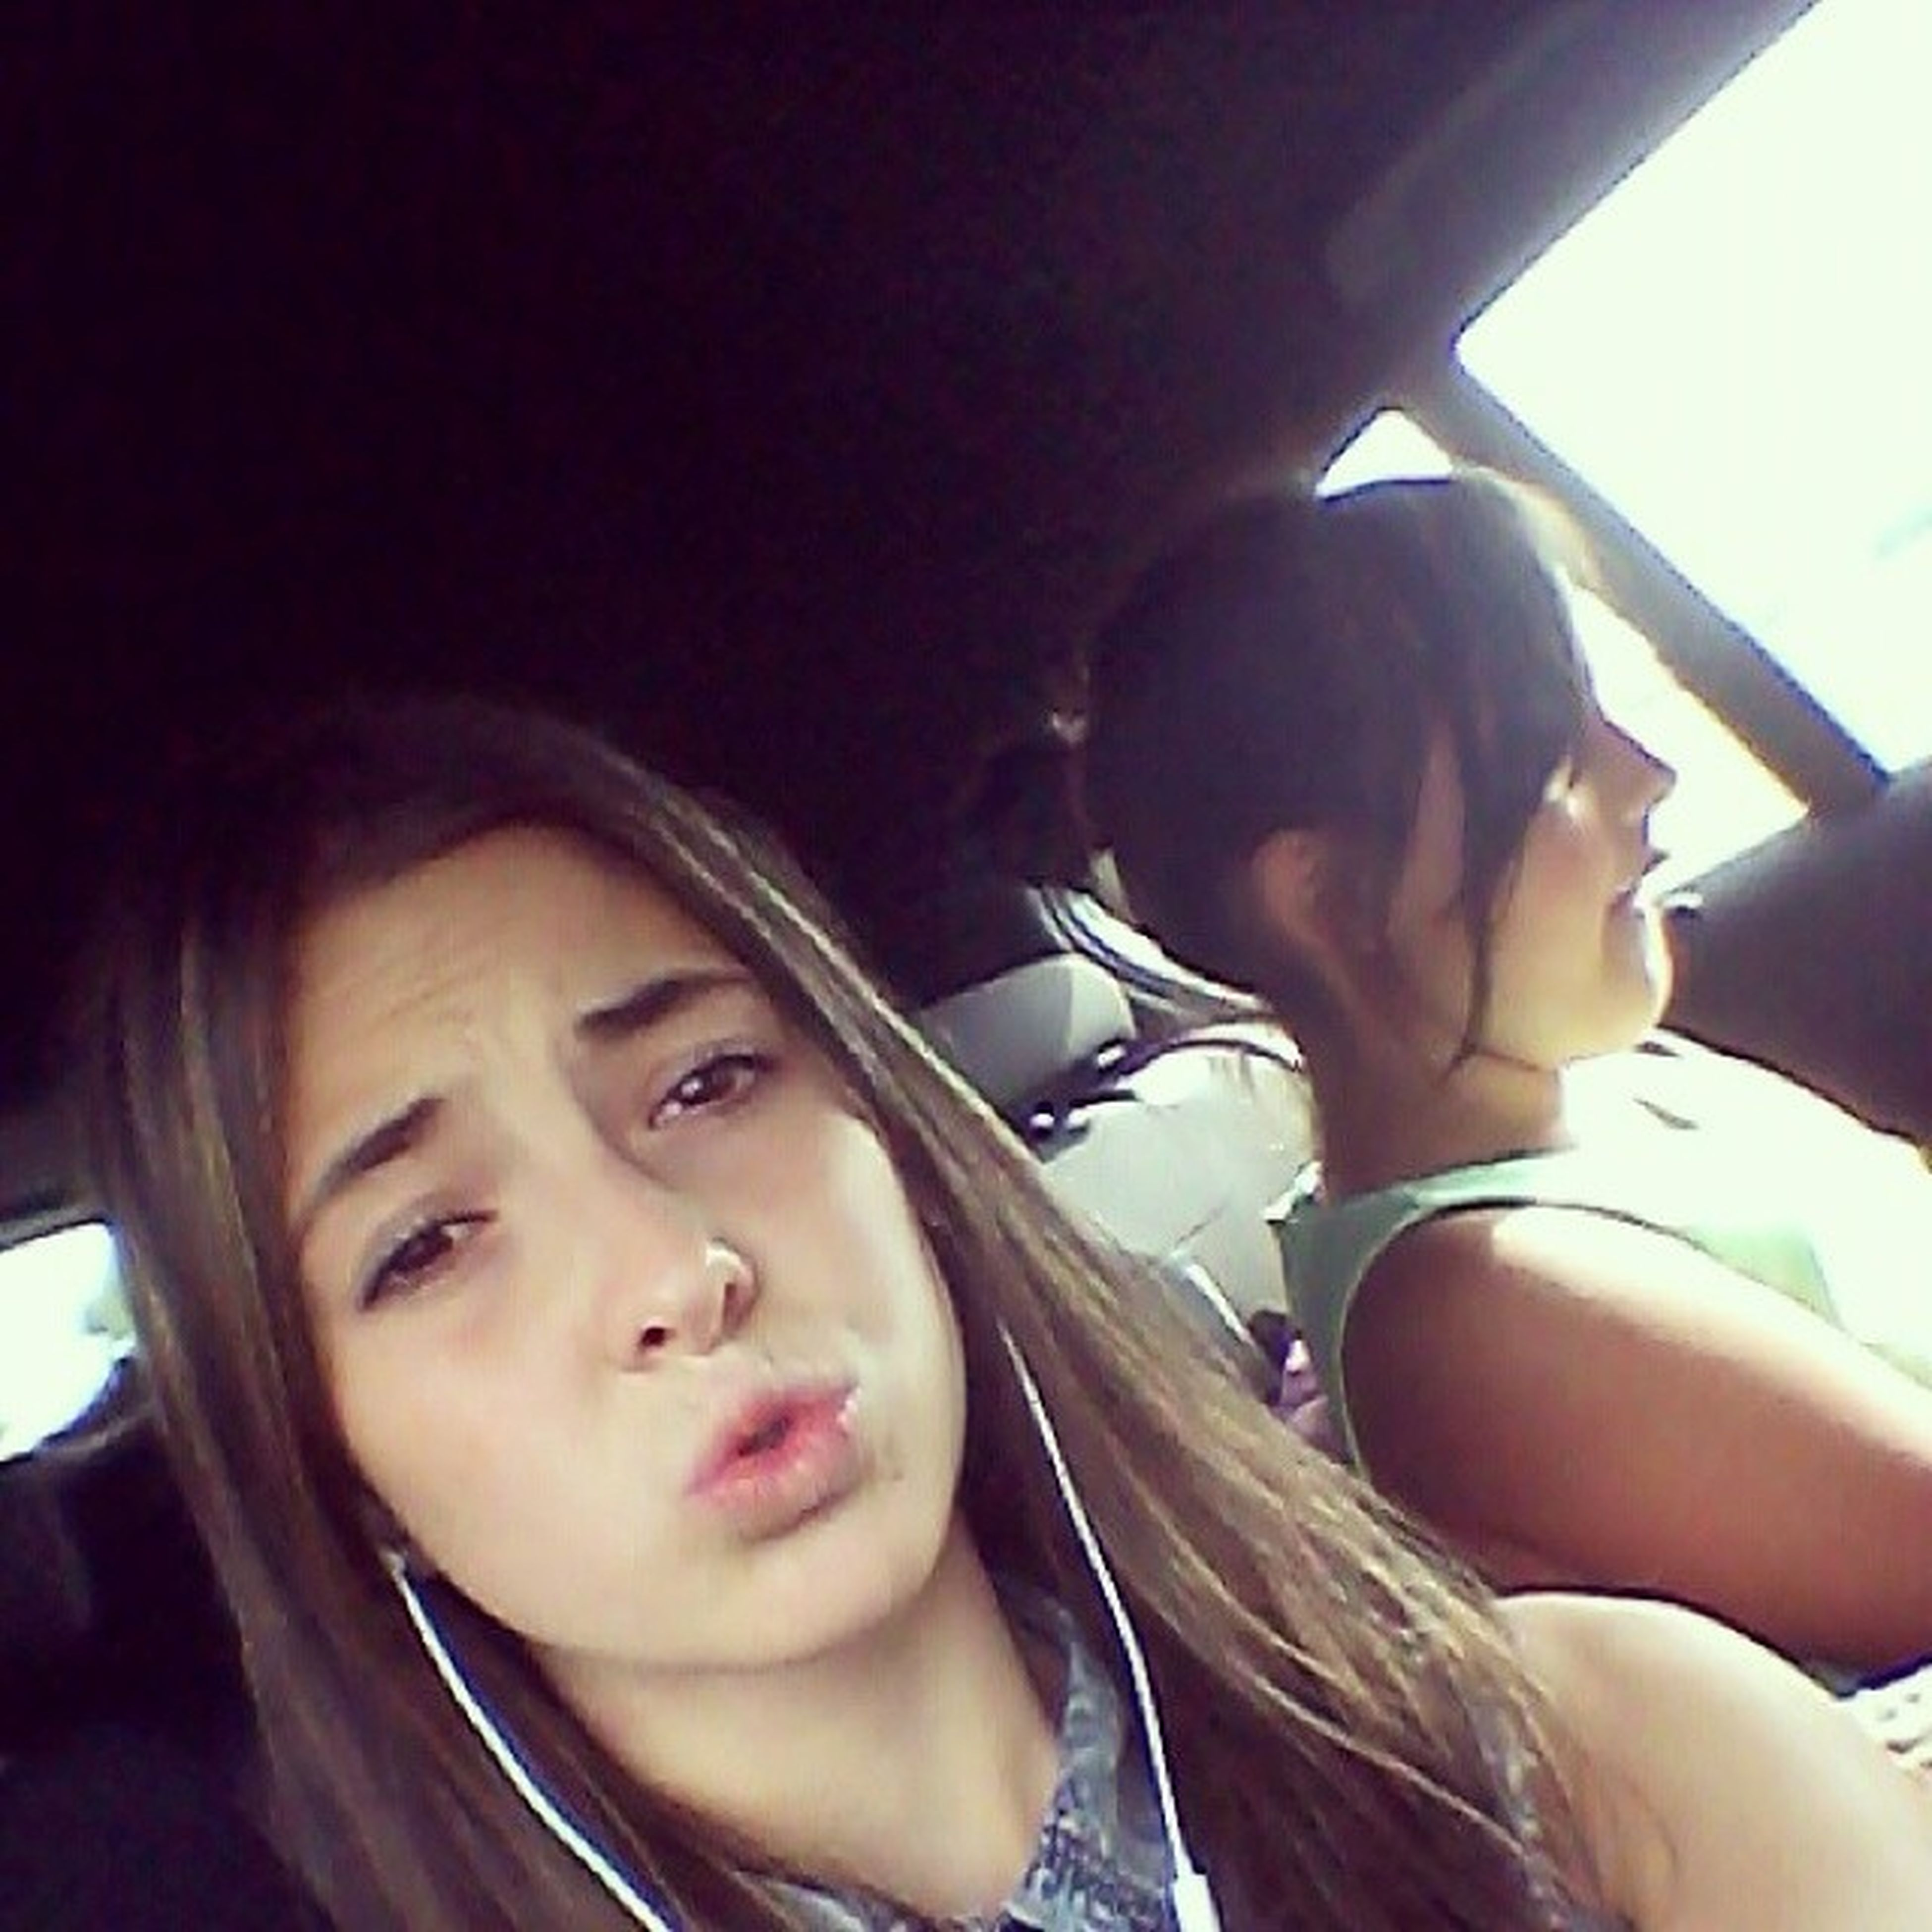 Liebe übersteht alles!♥ Me_and_my_sis Car Urlaub_fahren Mude miss_my_baby♥